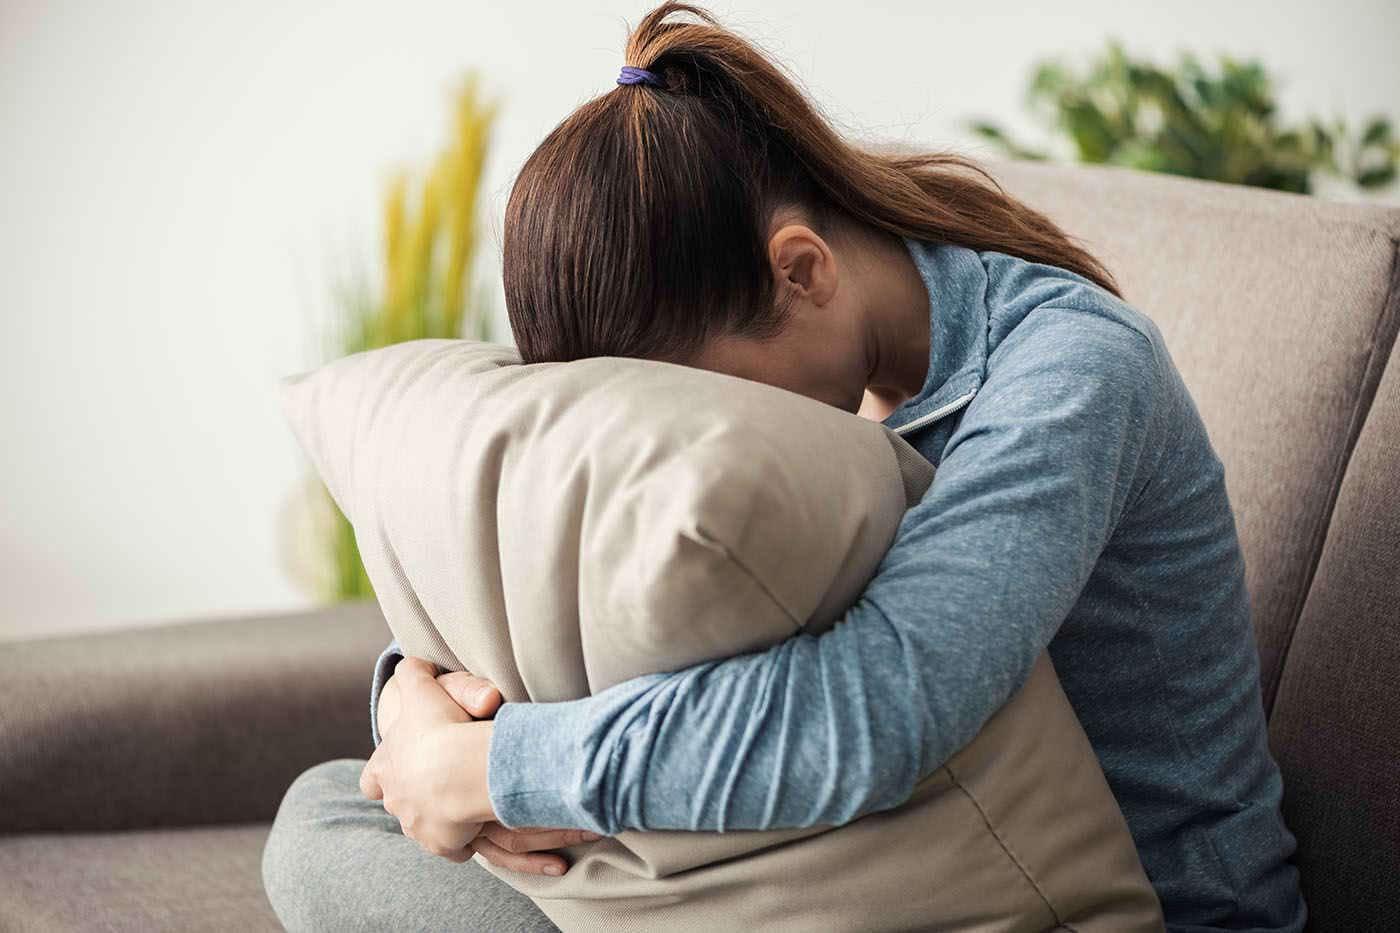 Depresia, eliminată prin stimulare cerebrală intensivă? [studiu]